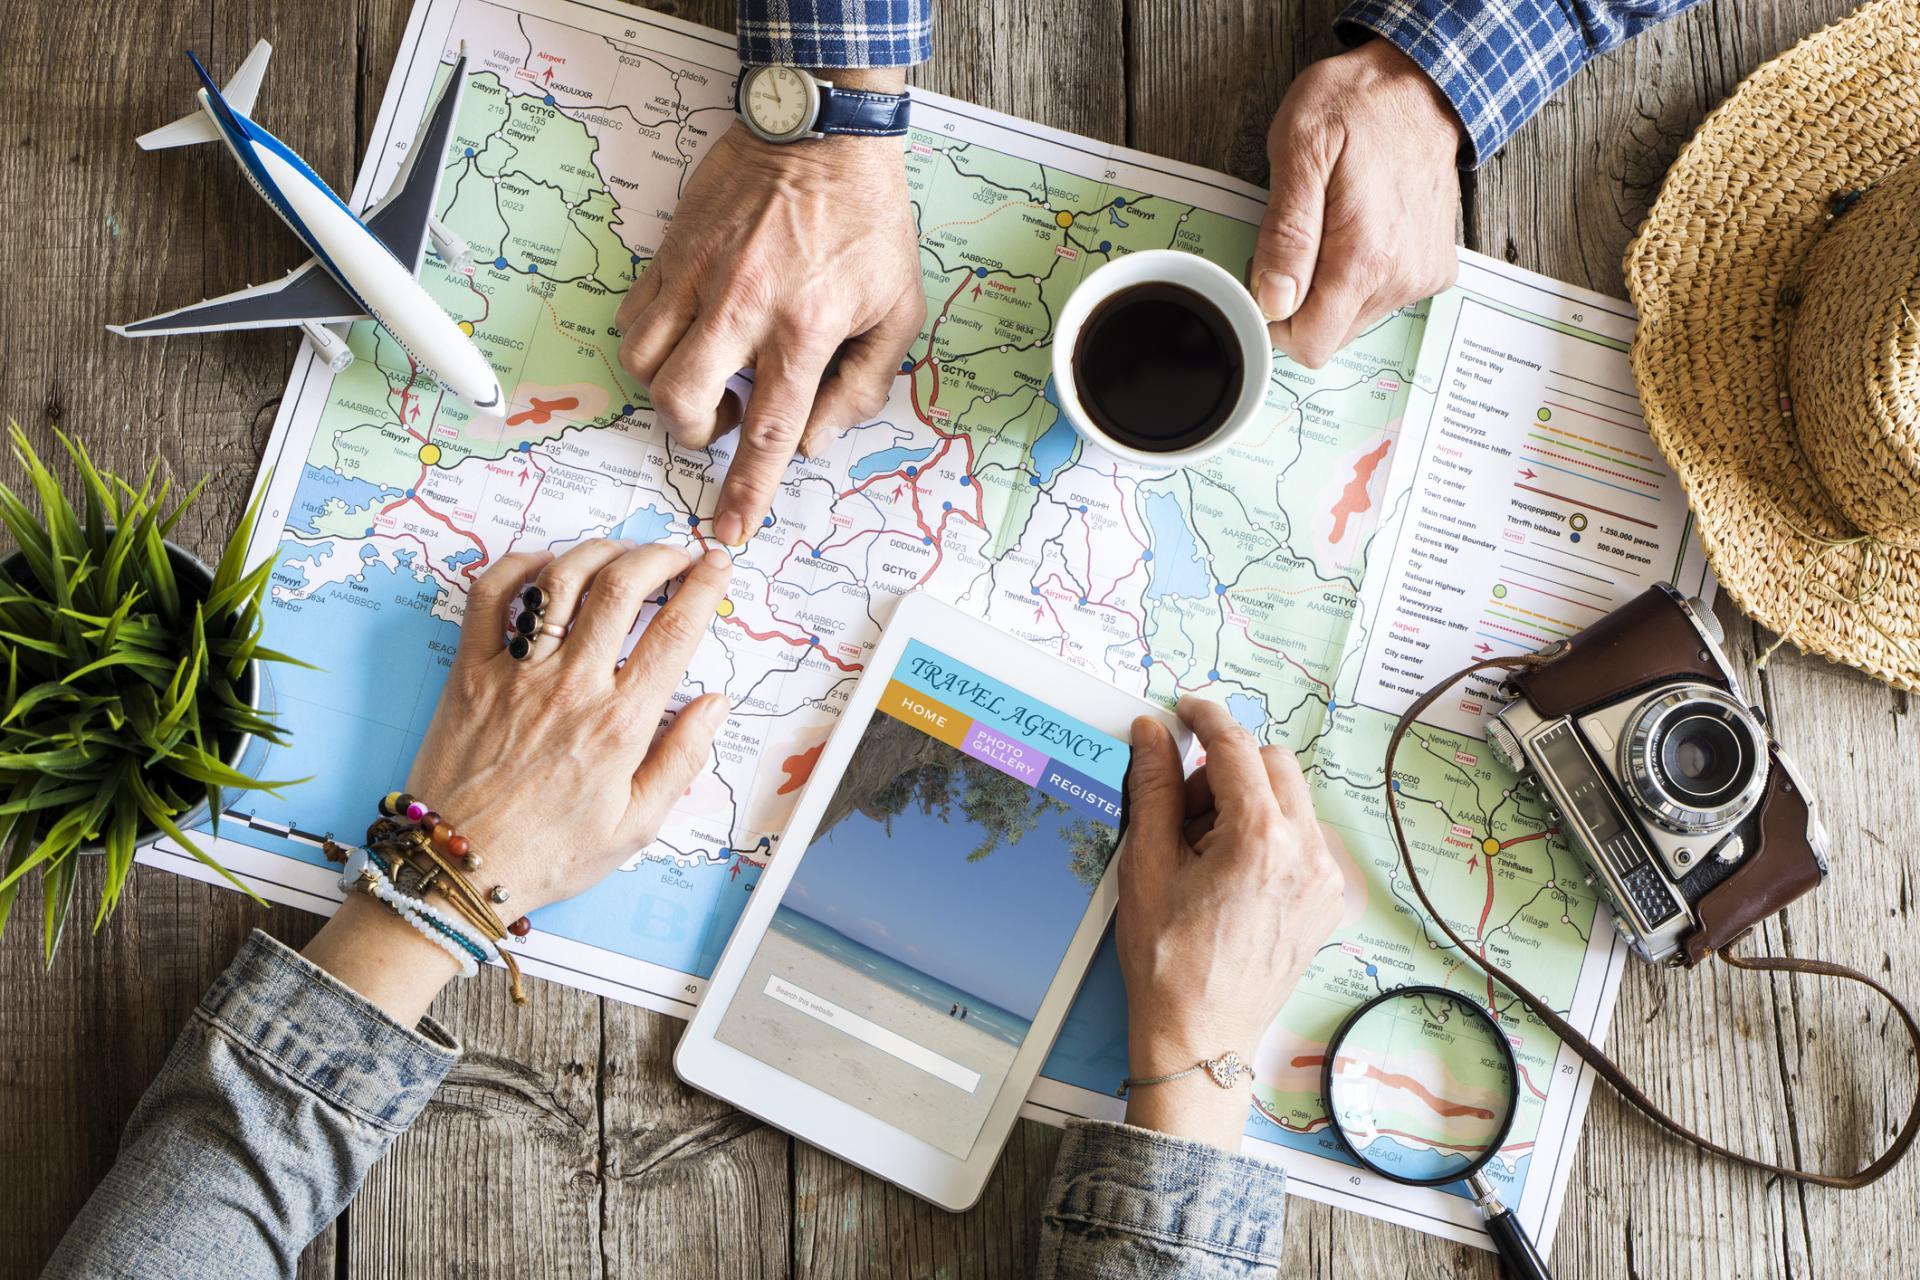 4 основные ошибки, которые совершают многие туристы при оформлении страховки